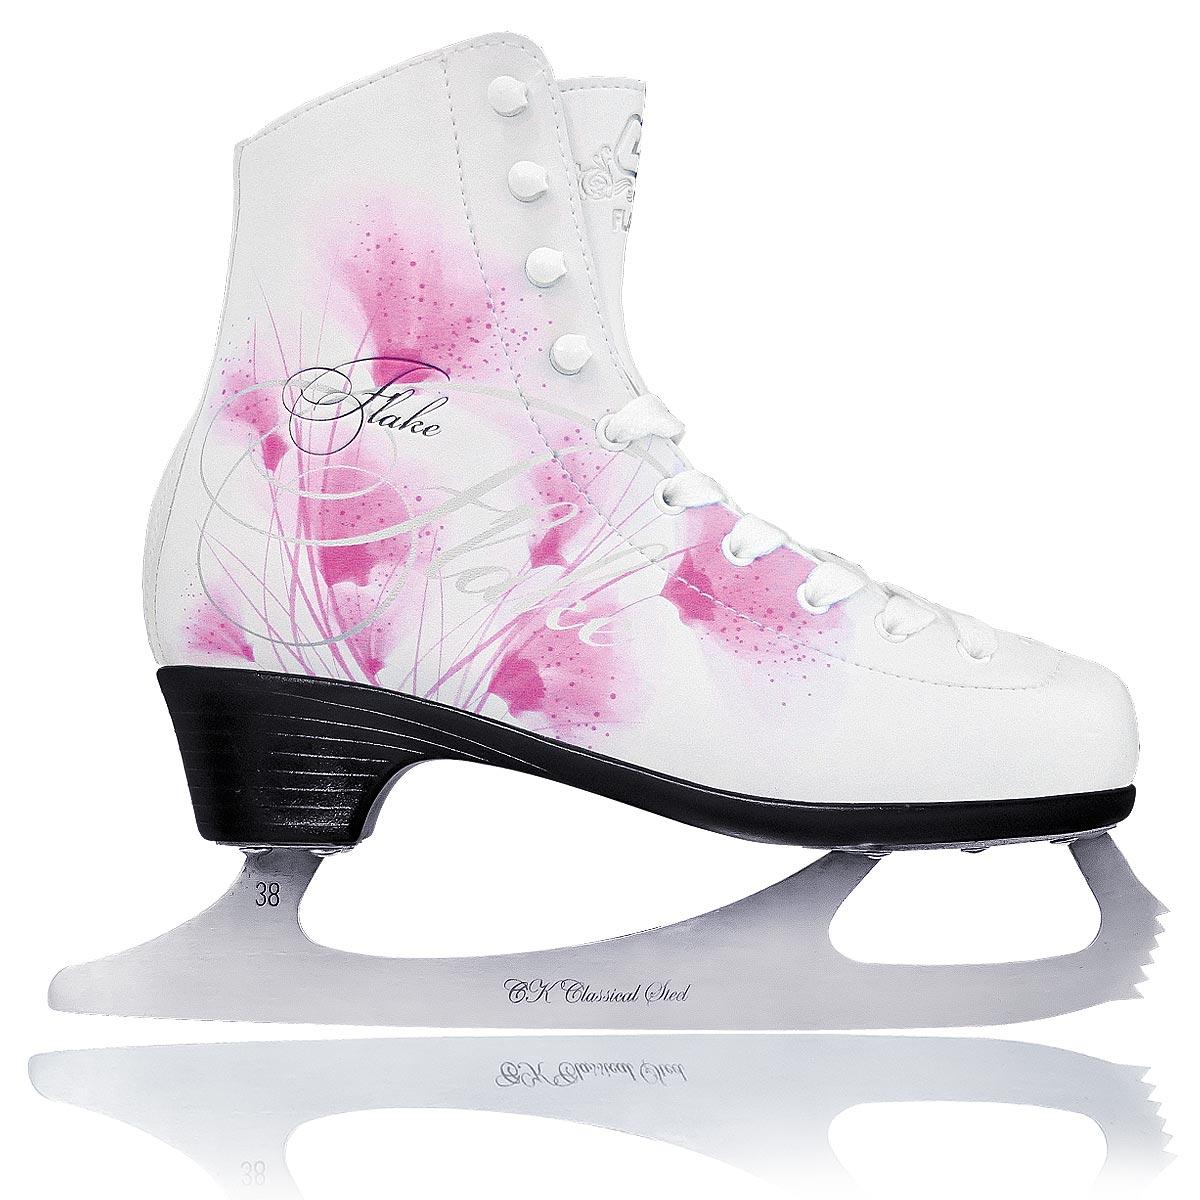 Коньки фигурные для девочки CK Flake Leather, цвет: белый, фуксия. Размер 36FLAKE leather_белый, фуксия_36